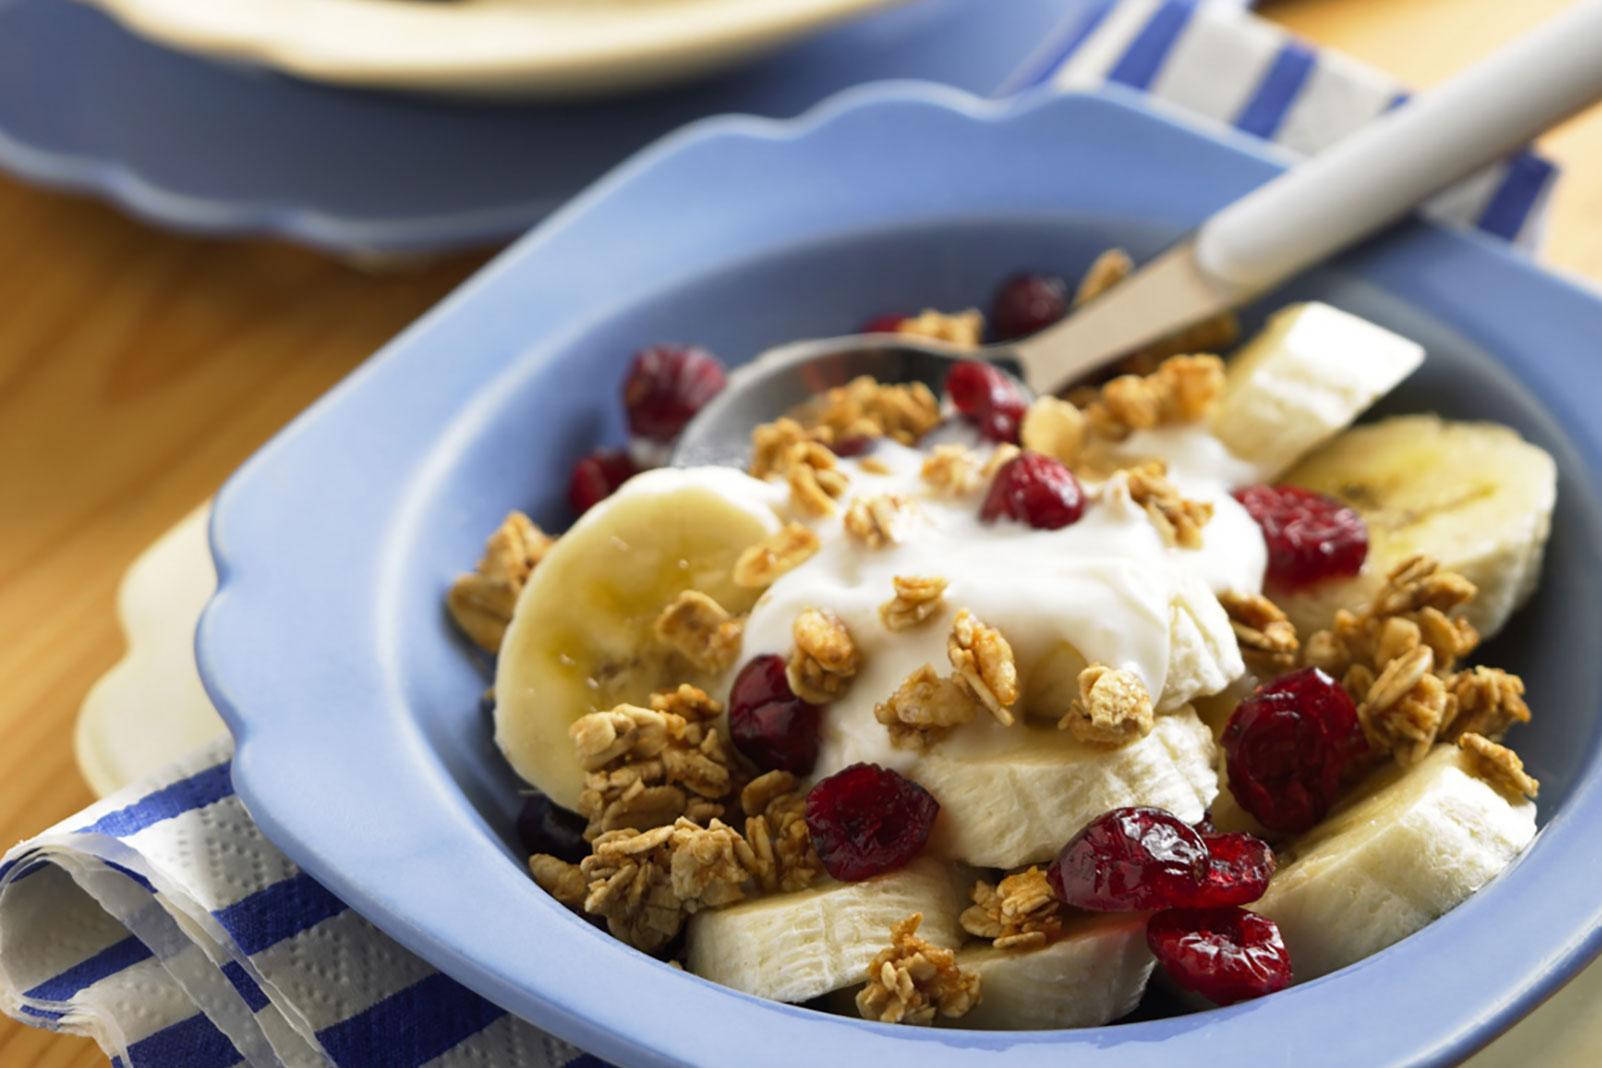 Craisins® Dried Cranberries Crunch Breakfast Bowl